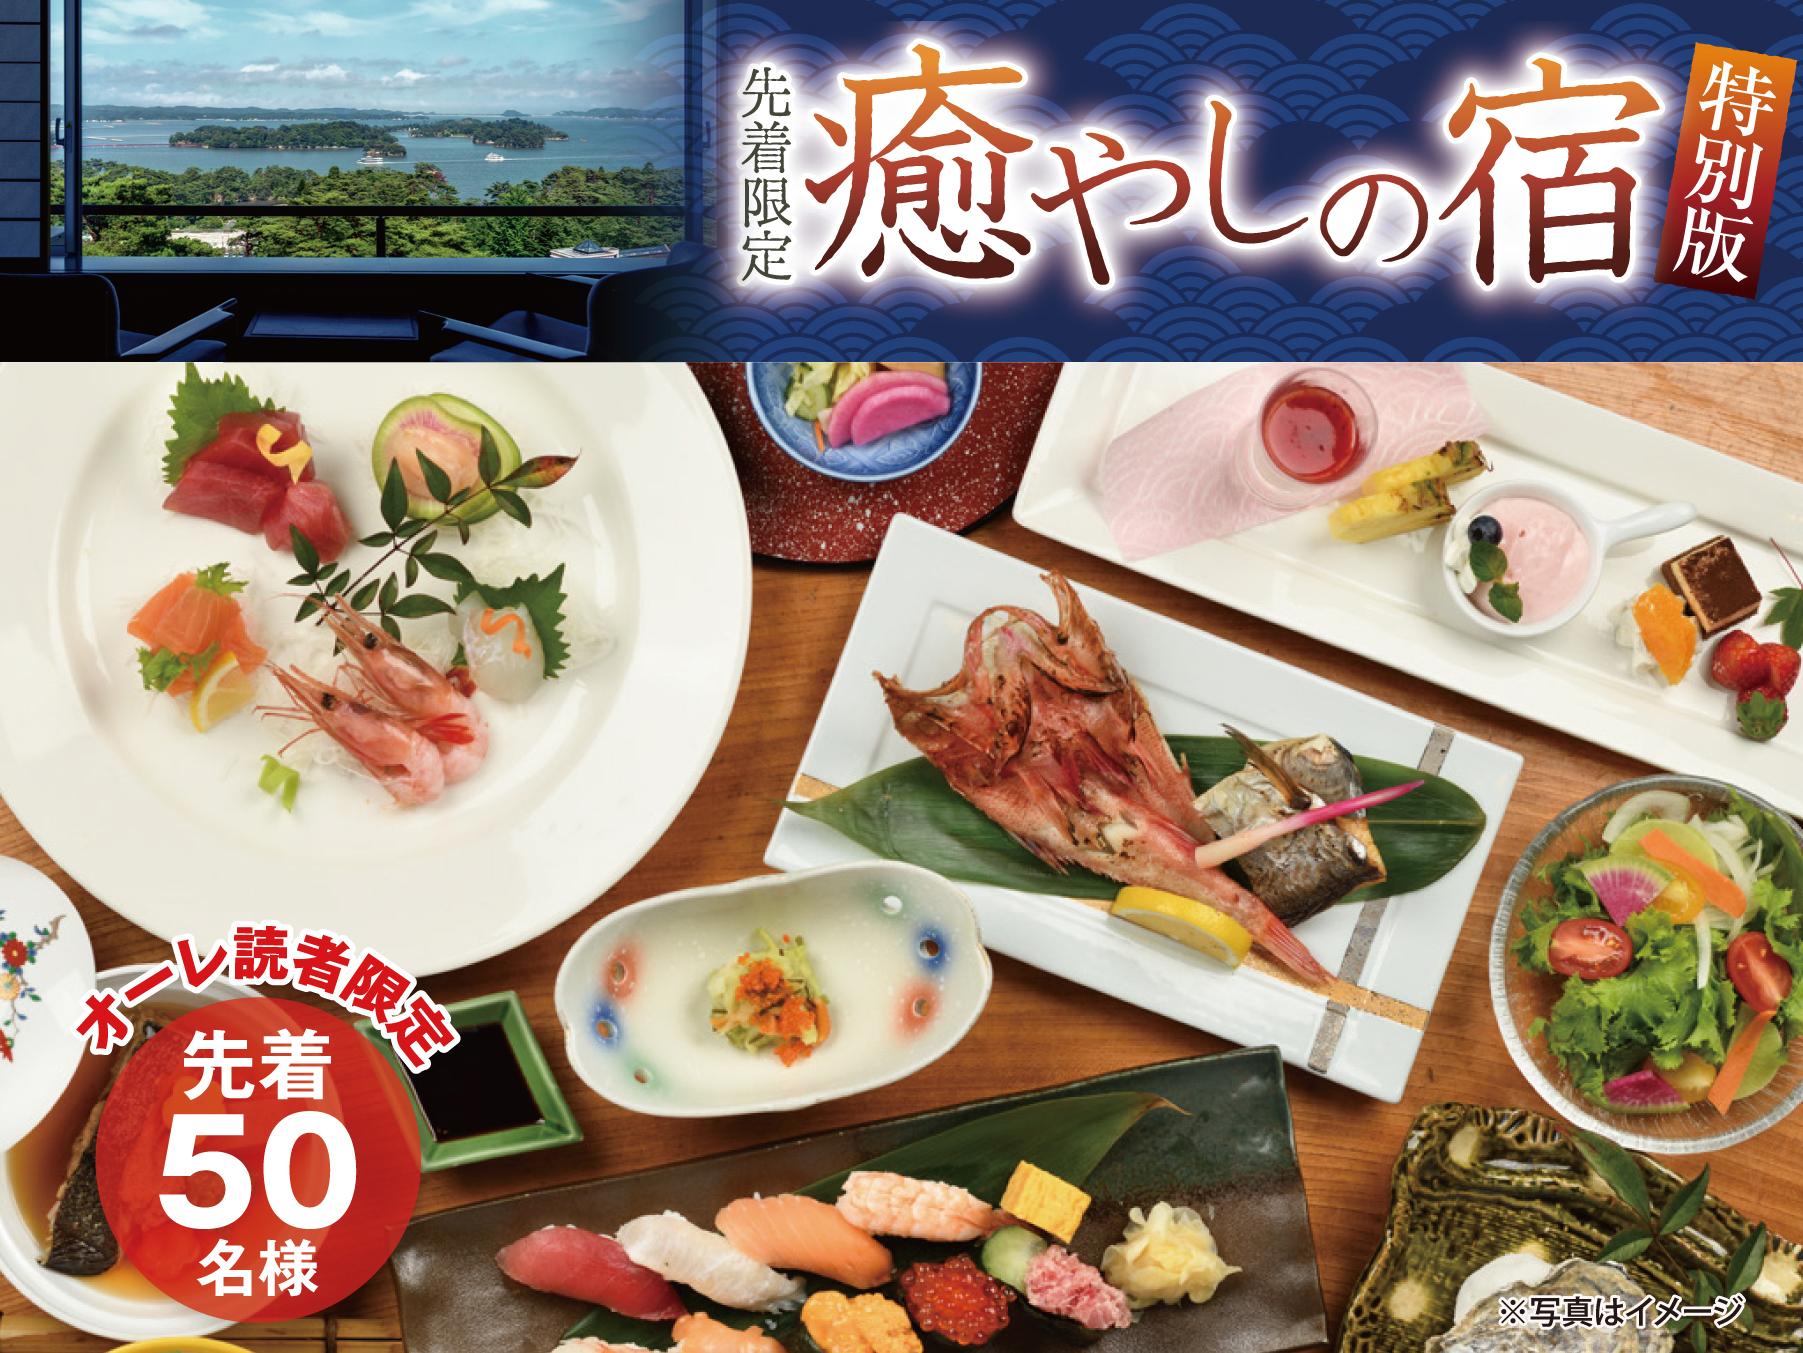 先着限定「癒やしの宿」特別版 『ホテル松島 大観荘』「磯魚」リニューアル記念プラン